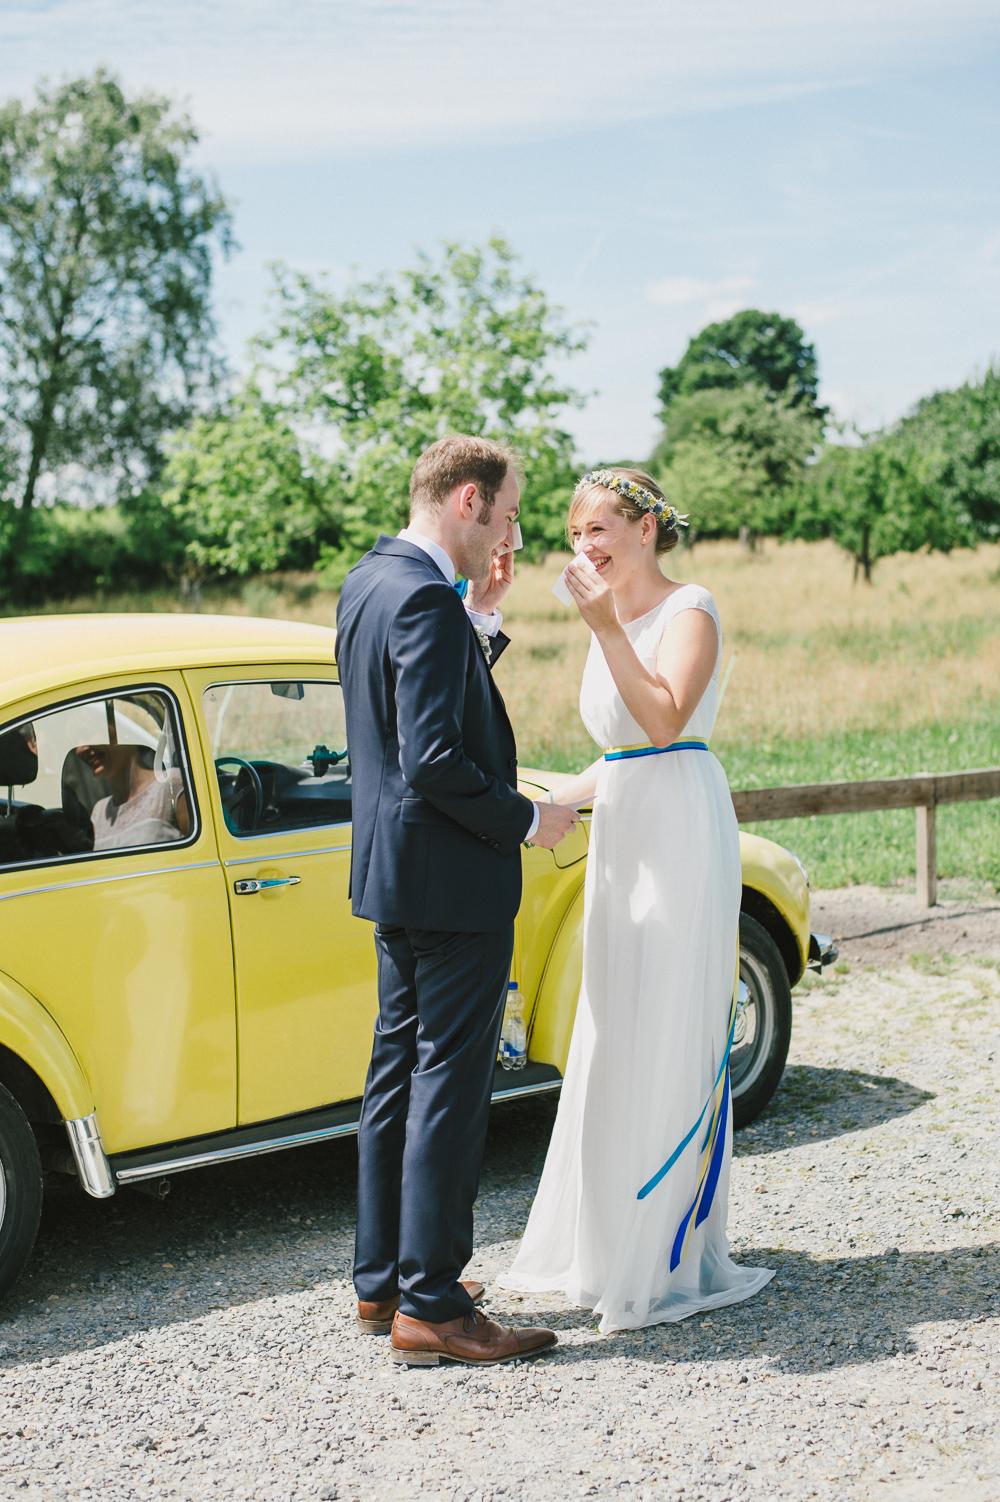 Hochzeitsauto VW Käfer gelb